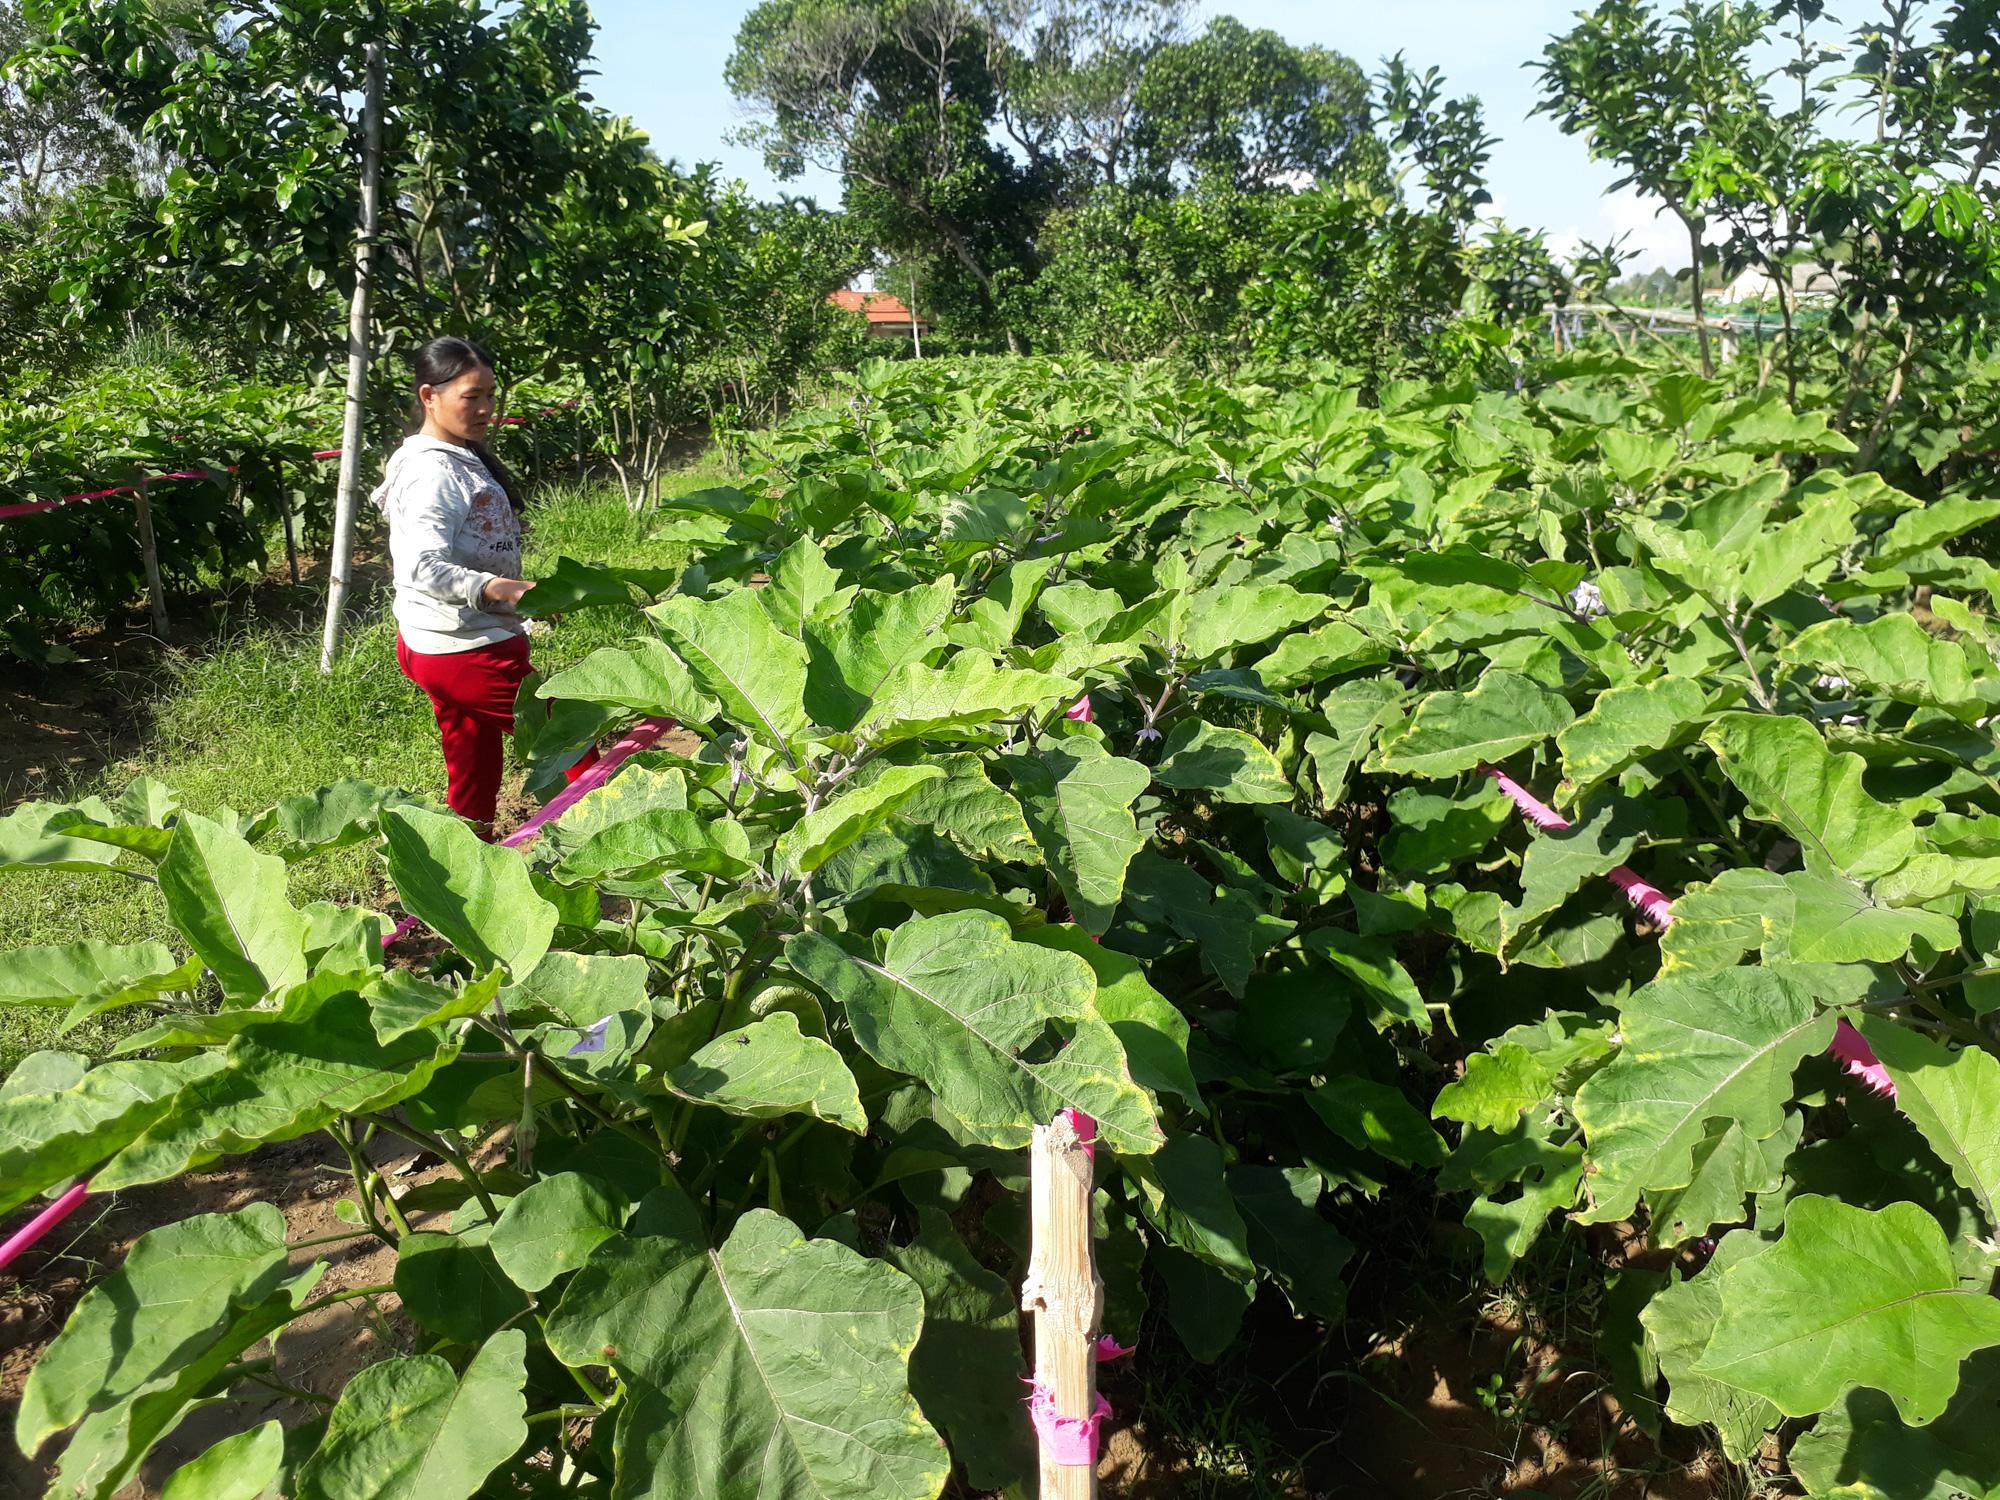 Quảng Nam: Tam Kỳ hướng đến nền nông nghiệp sạch, nông nghiệp cao - Ảnh 1.